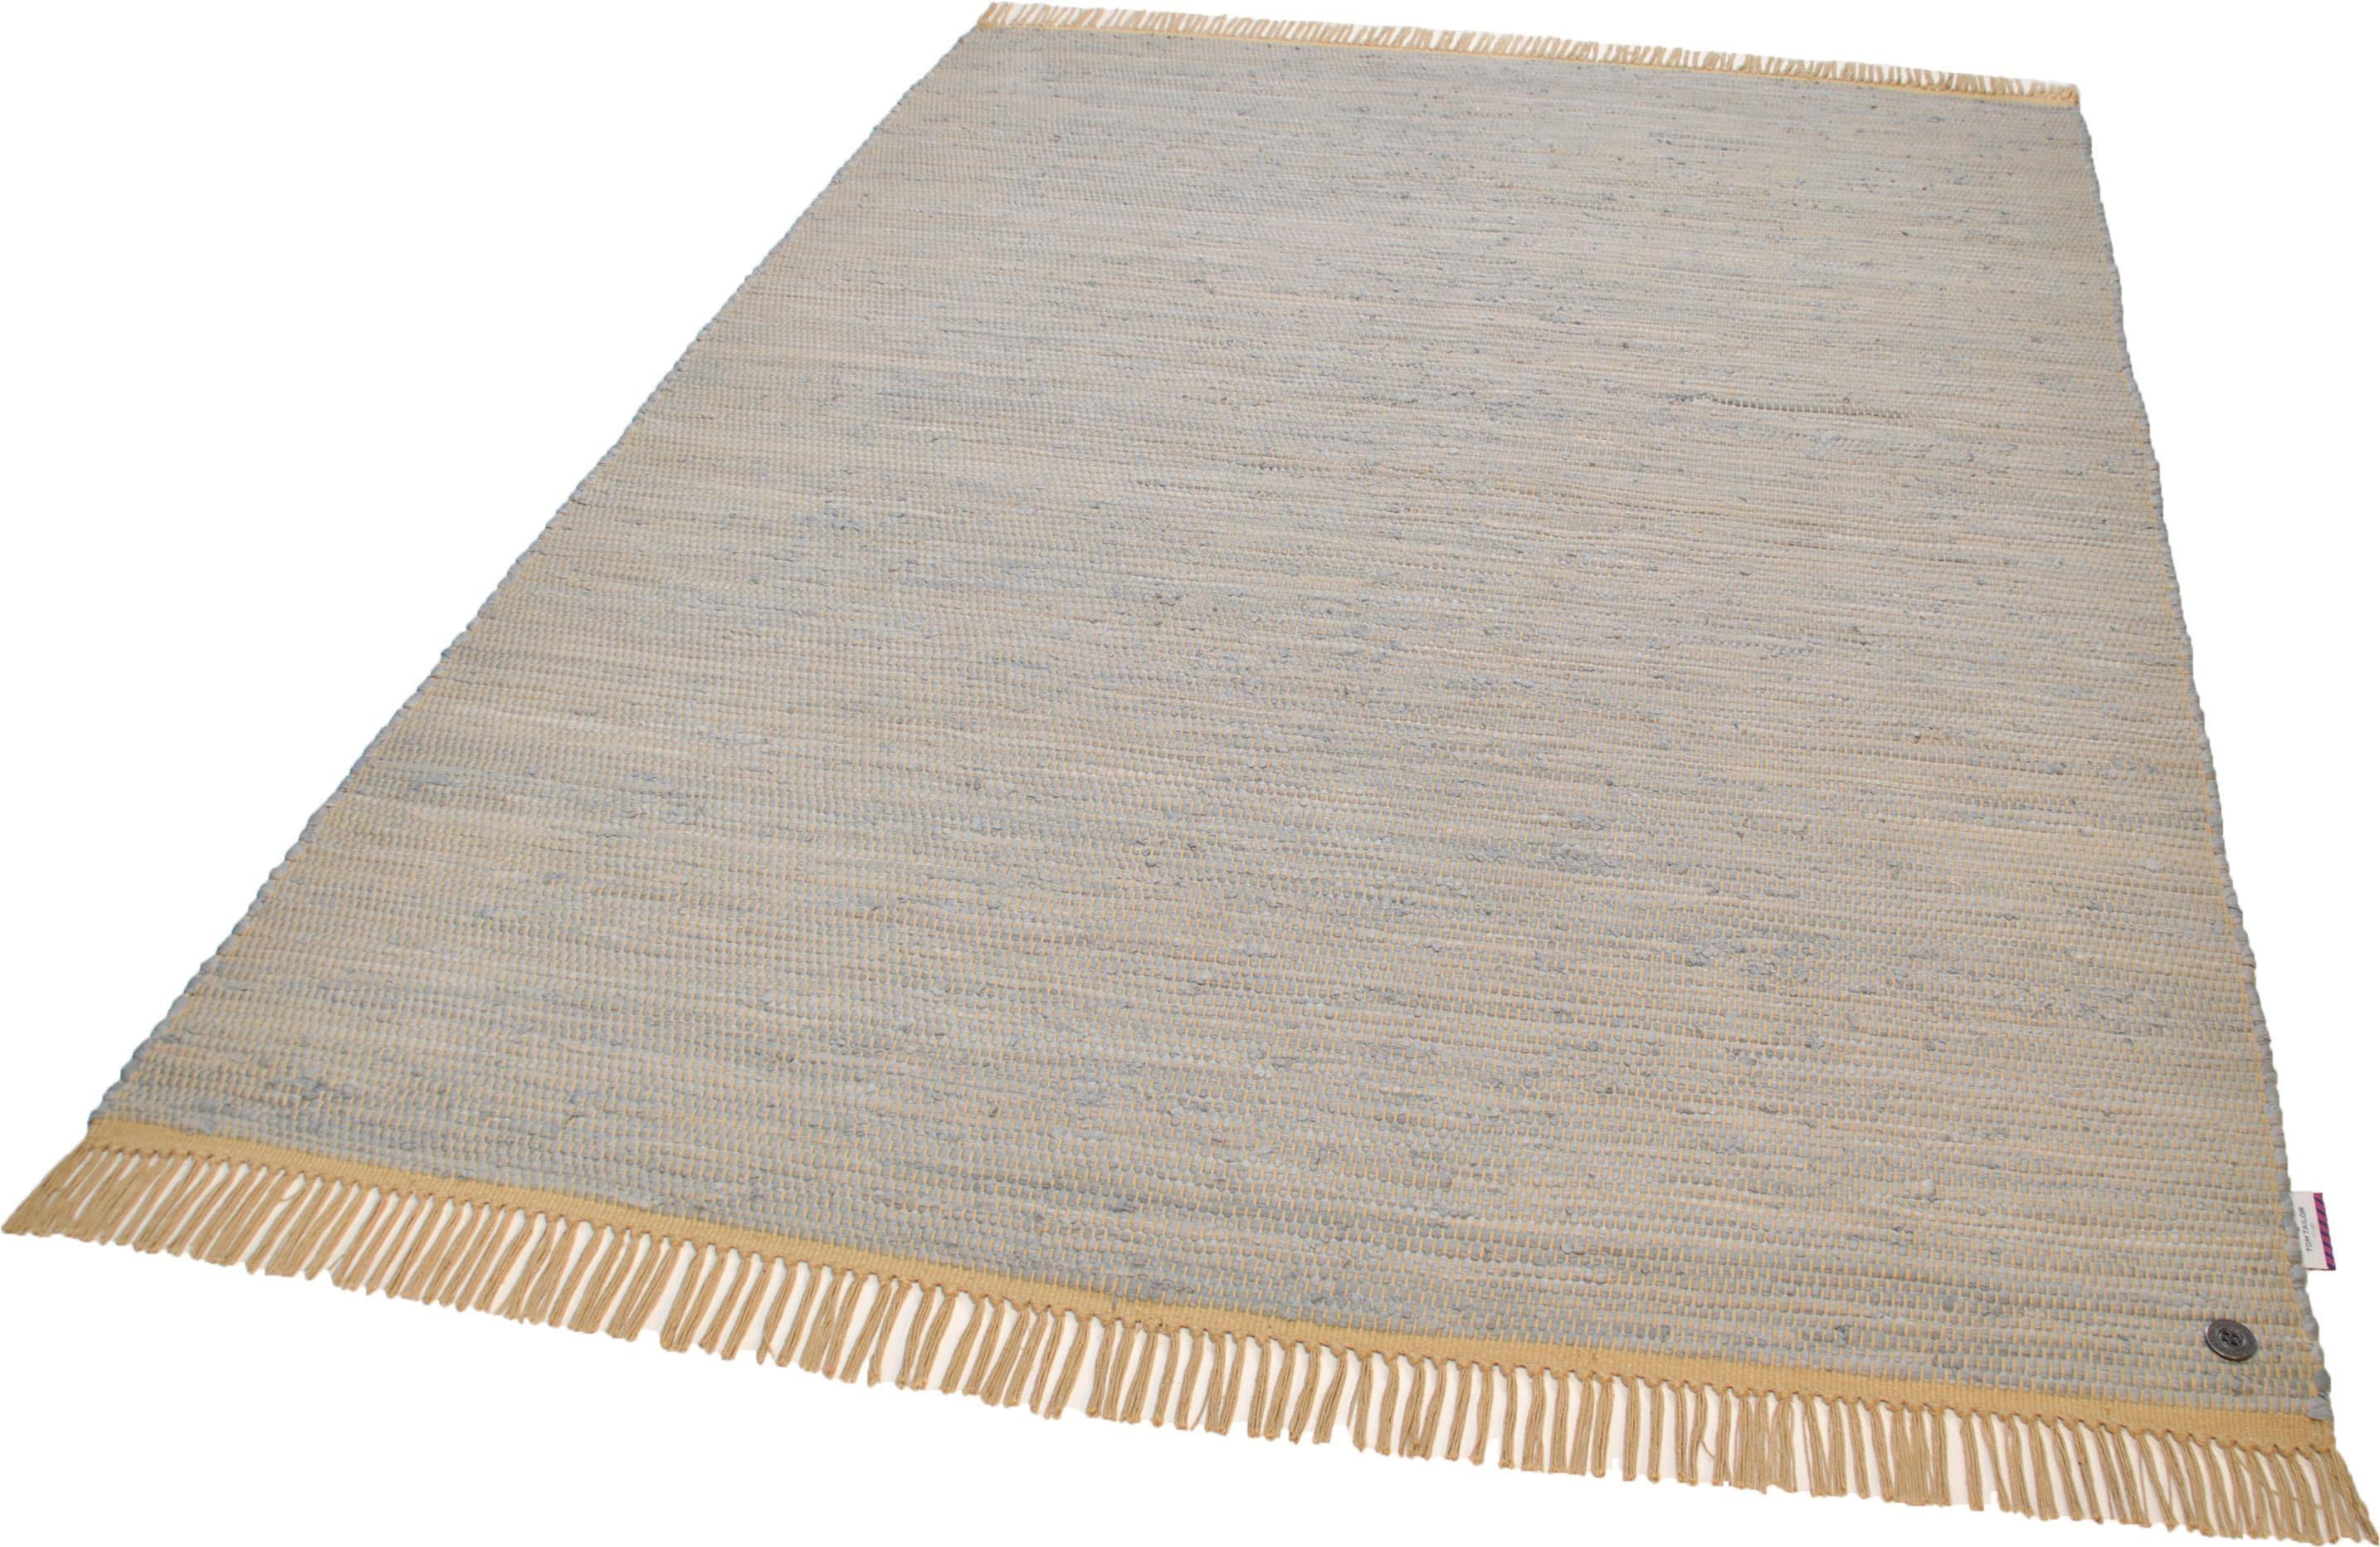 Teppich Cotton Colors TOM TAILOR rechteckig Höhe 8 mm maschinell gewebt